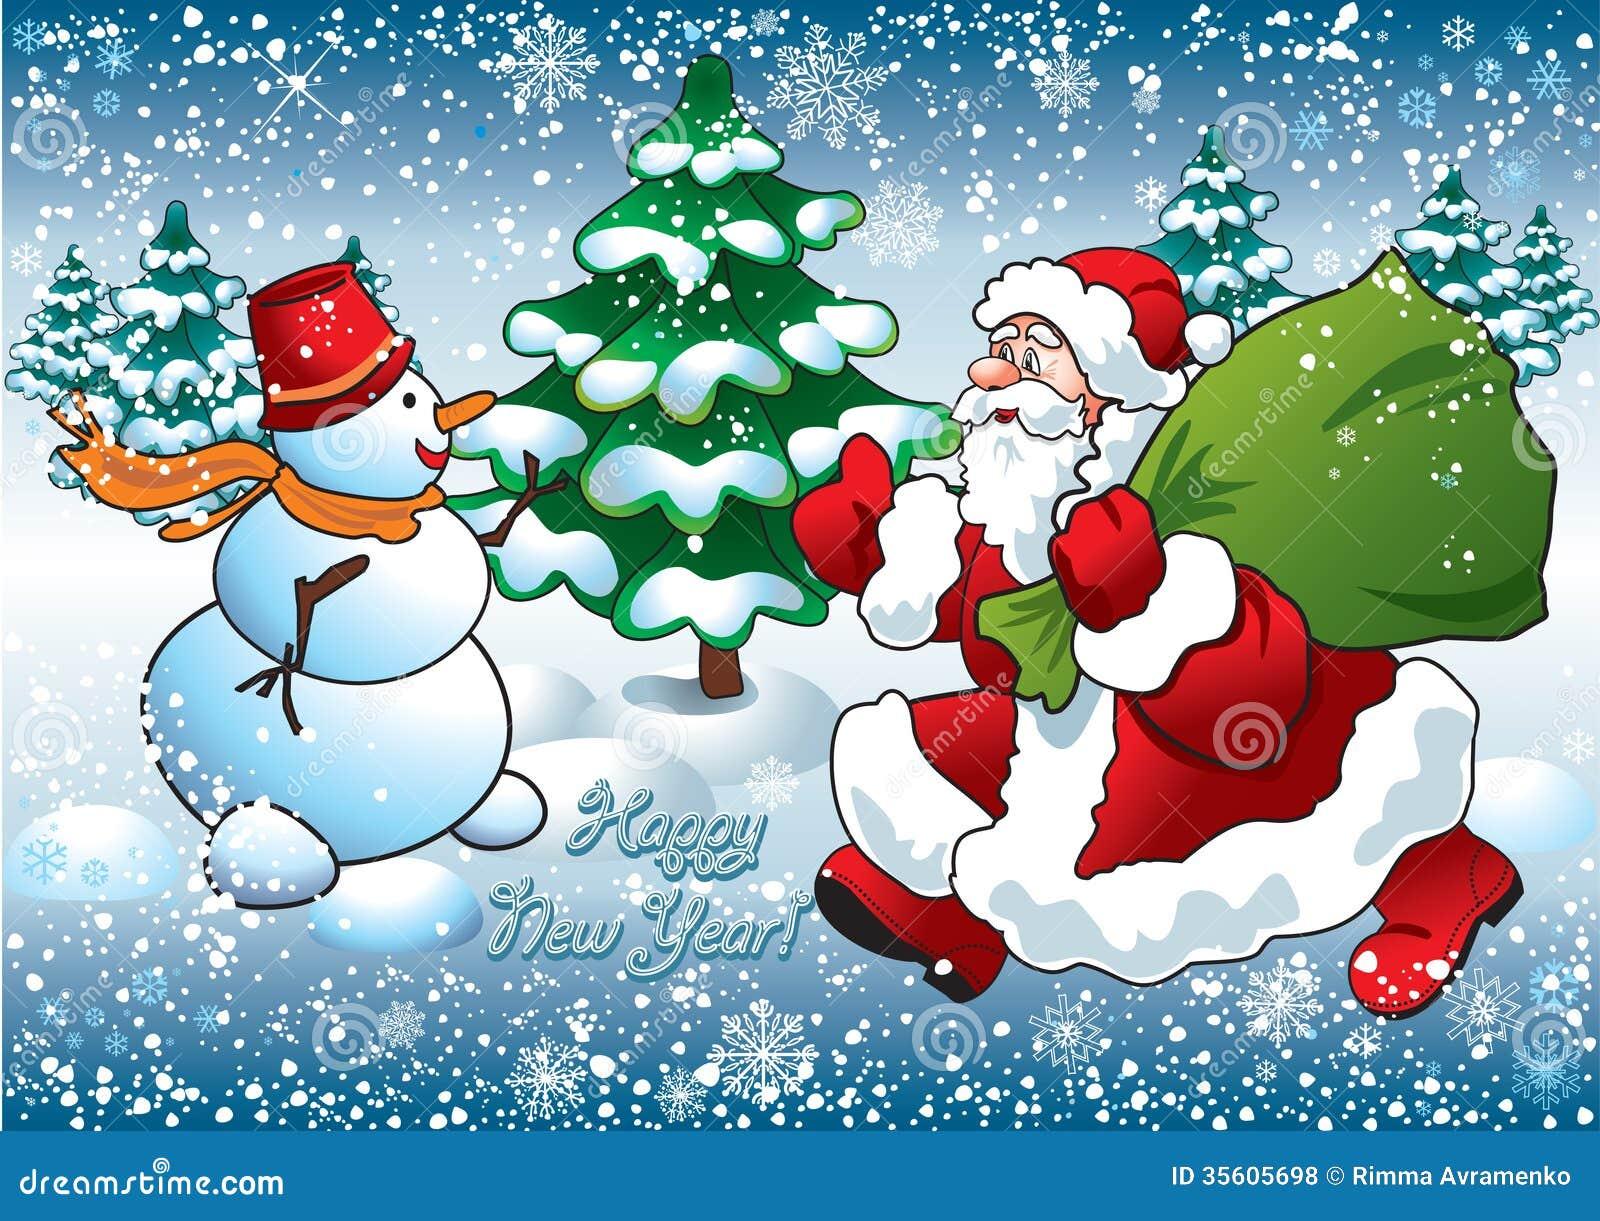 santa and snowman - Santa Snowman